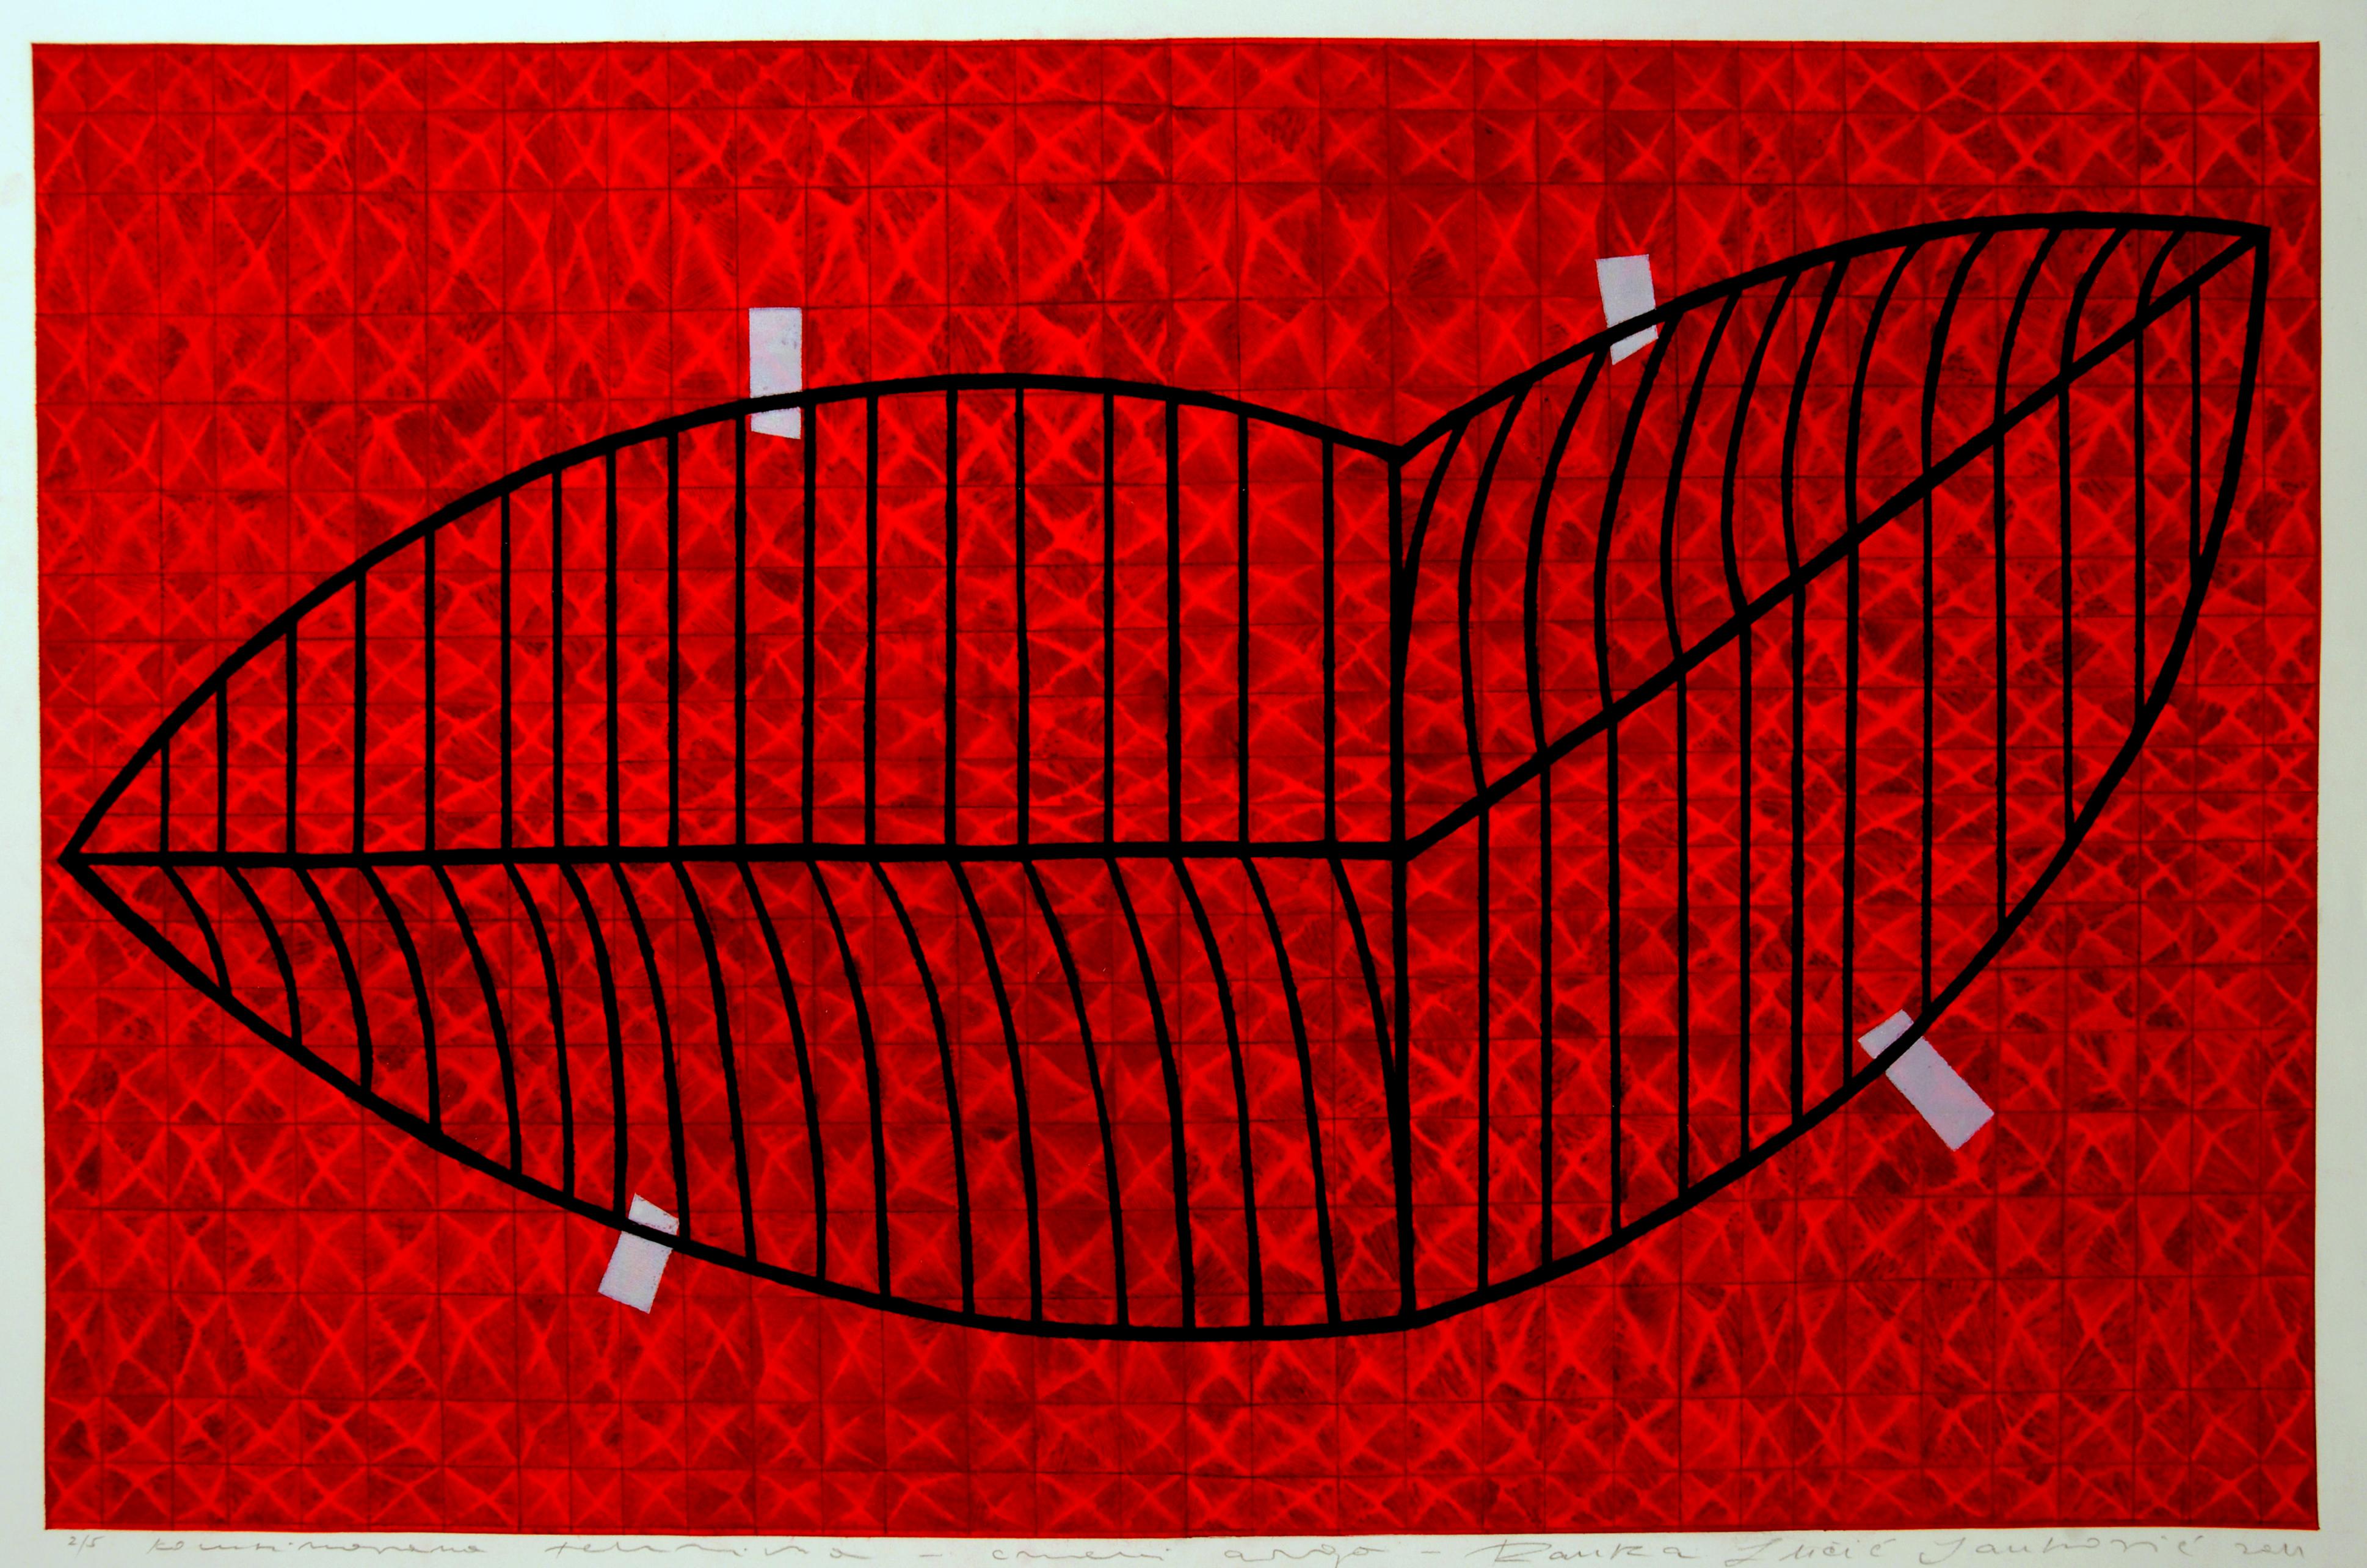 Crveni argo